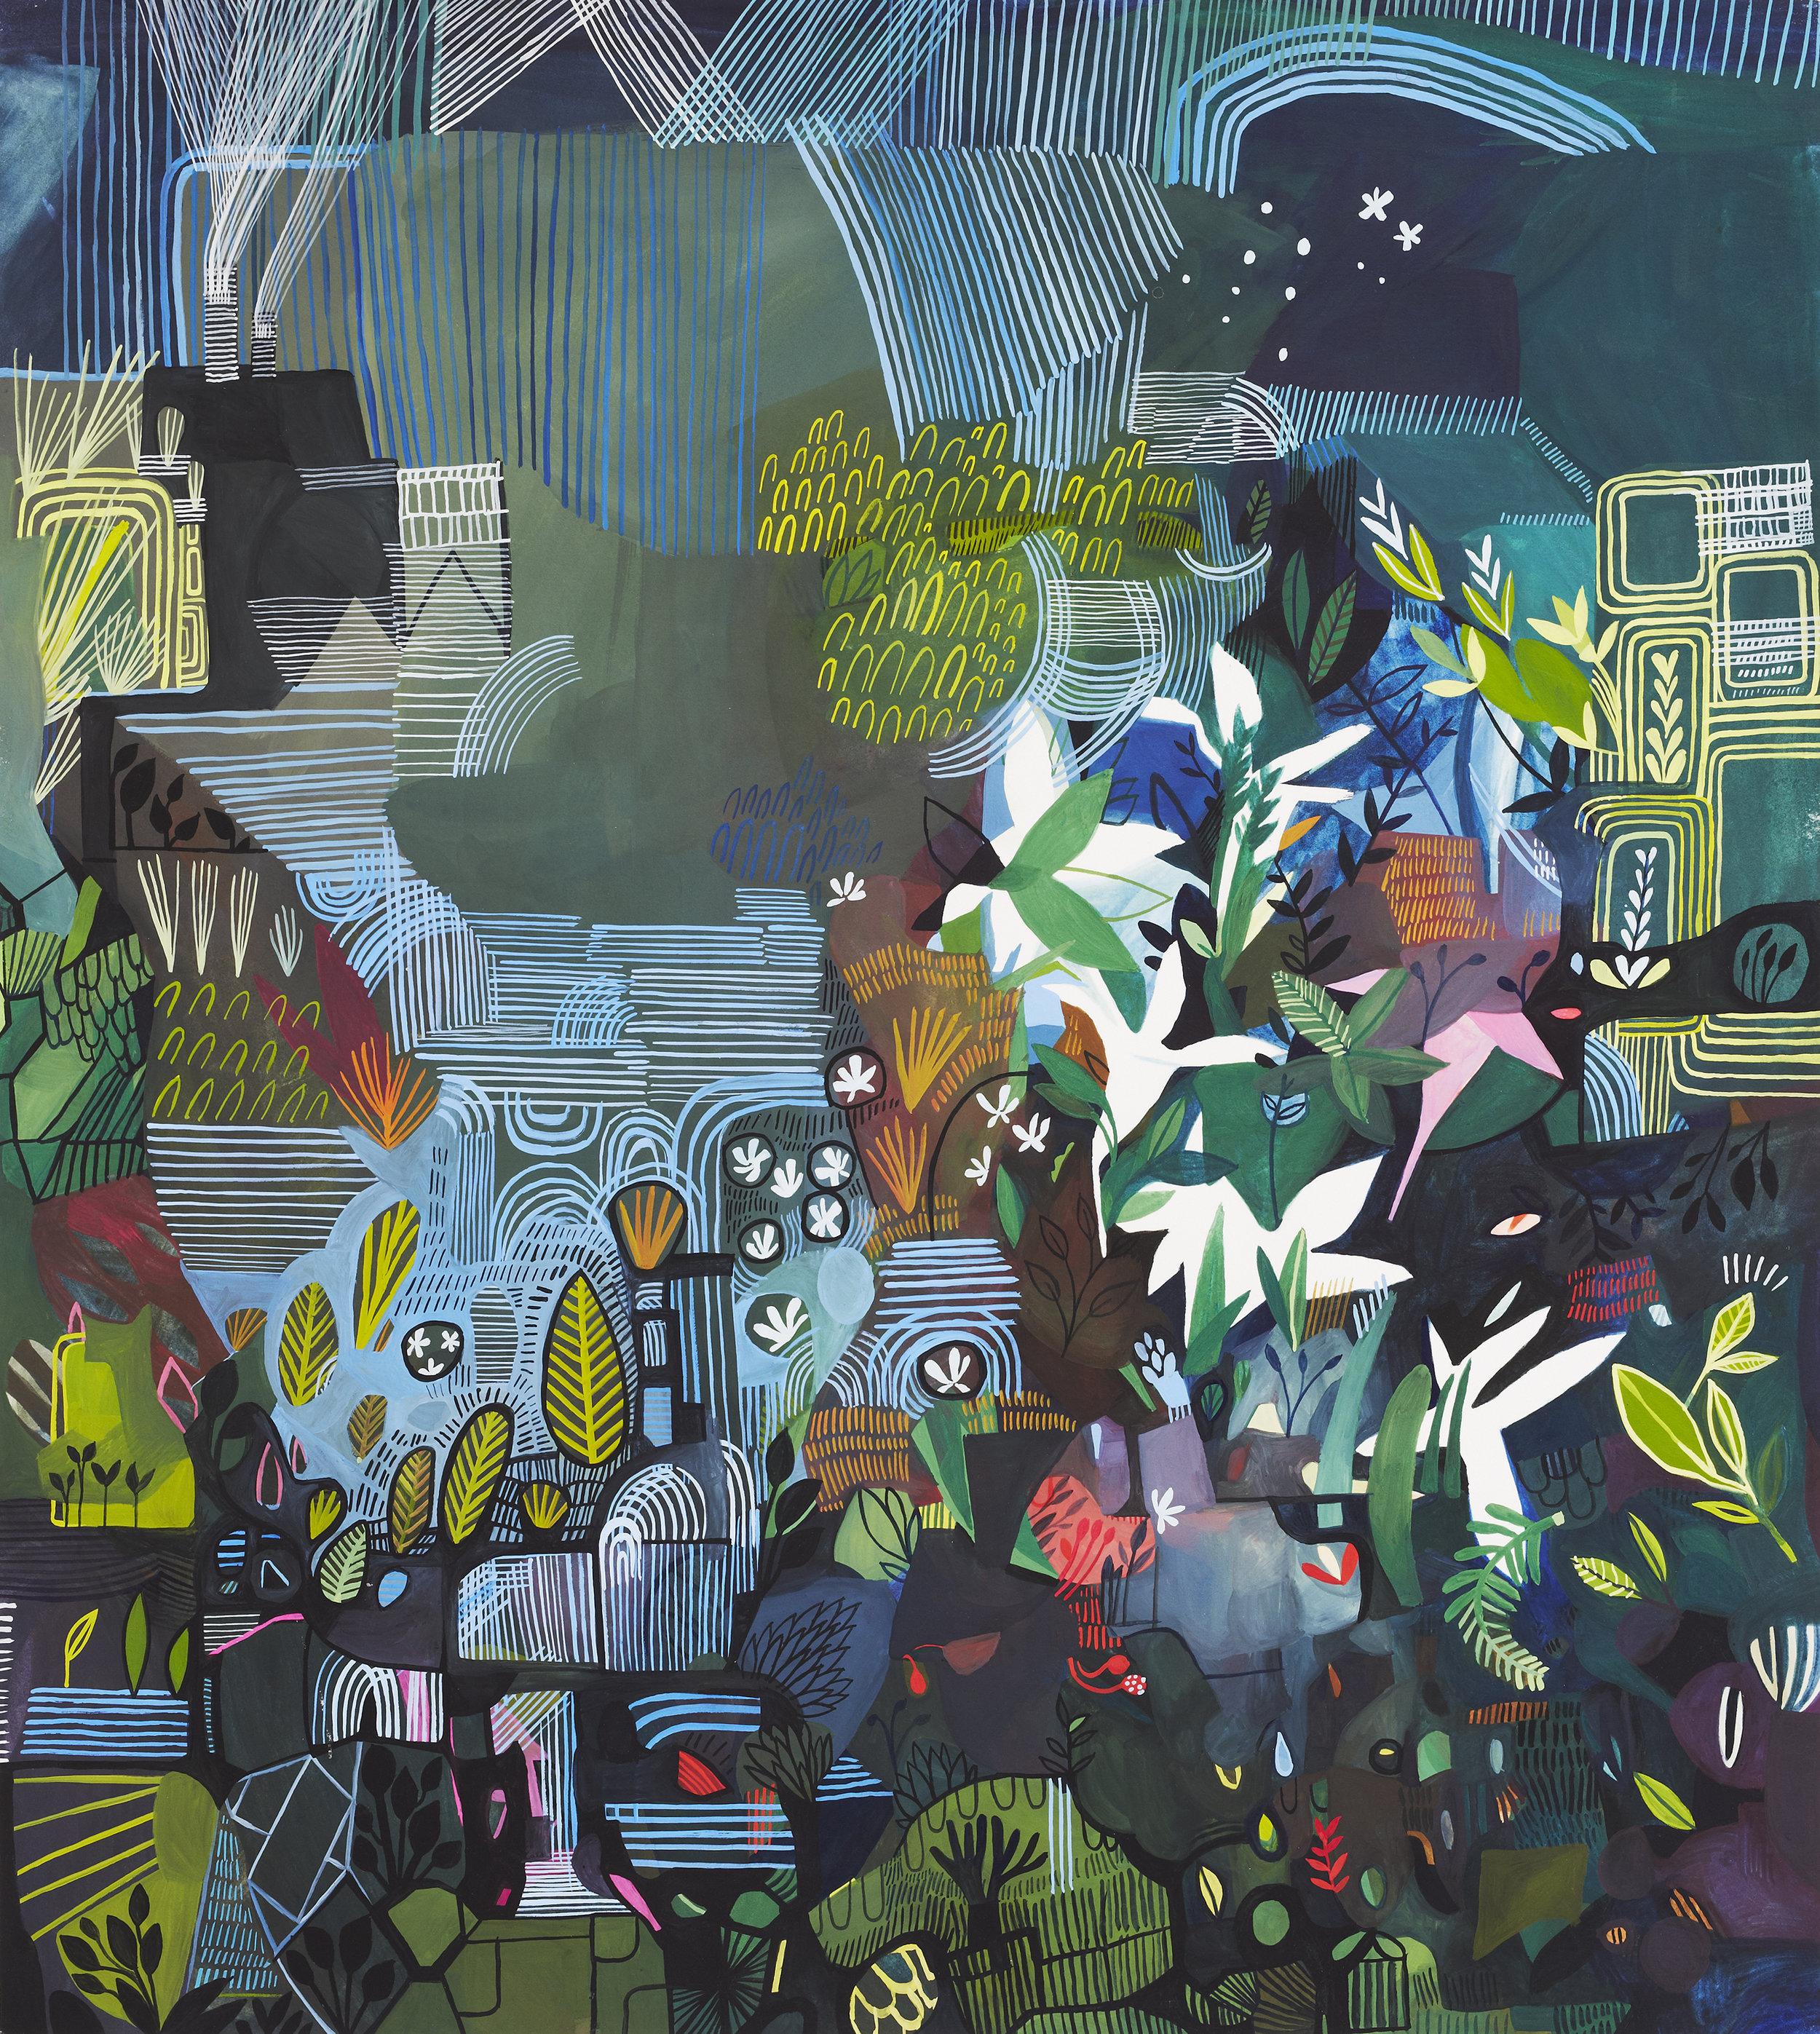 'Pond & Plants' / 2017 / Gouache on paper